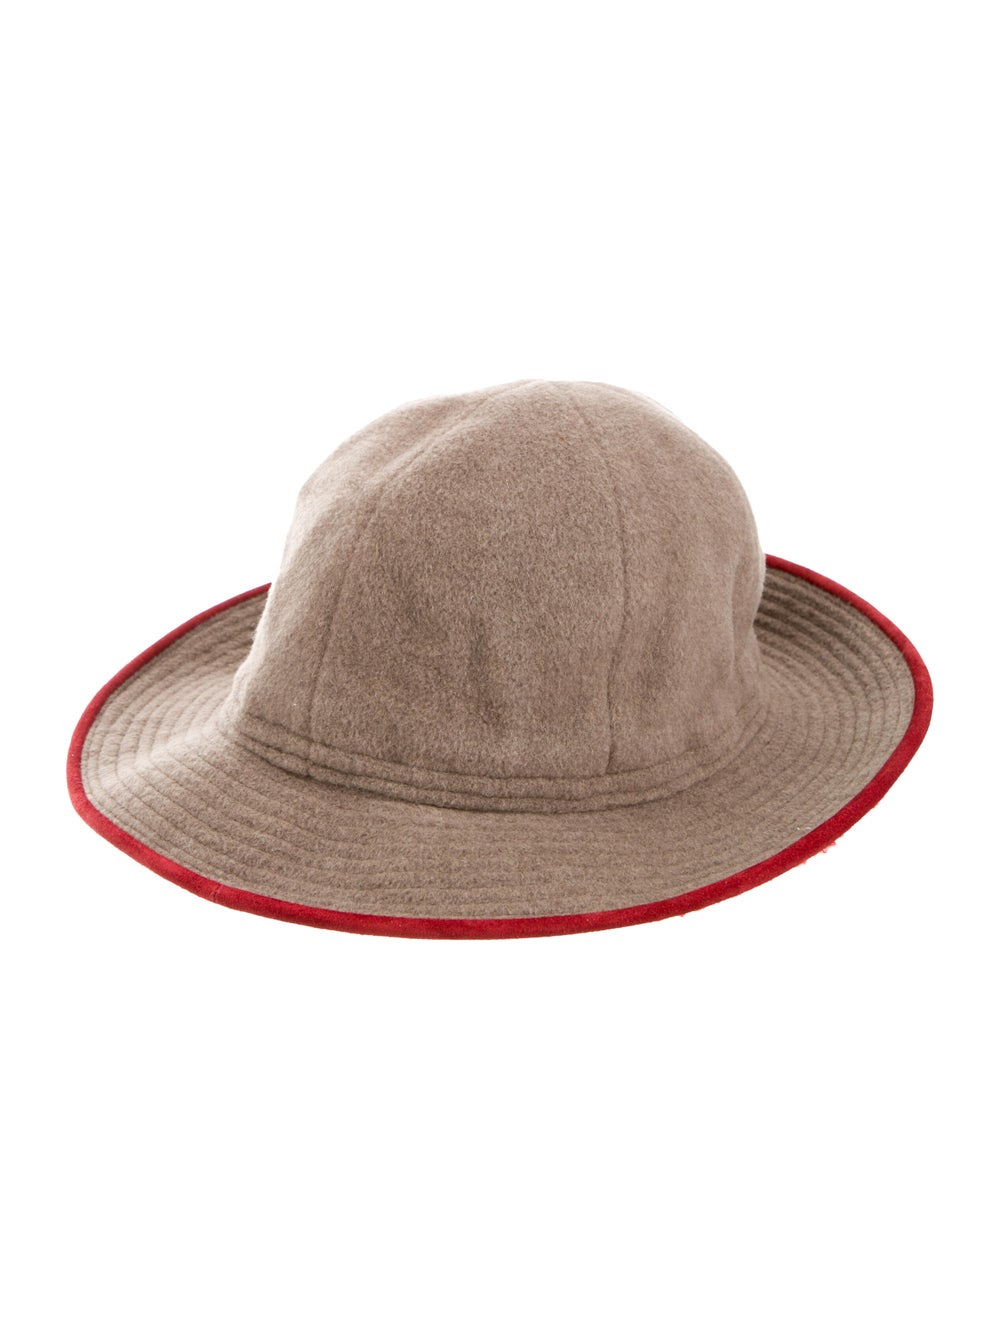 Chapeaux Motsch x Hermès Cashmere Bucket Hat - image 2